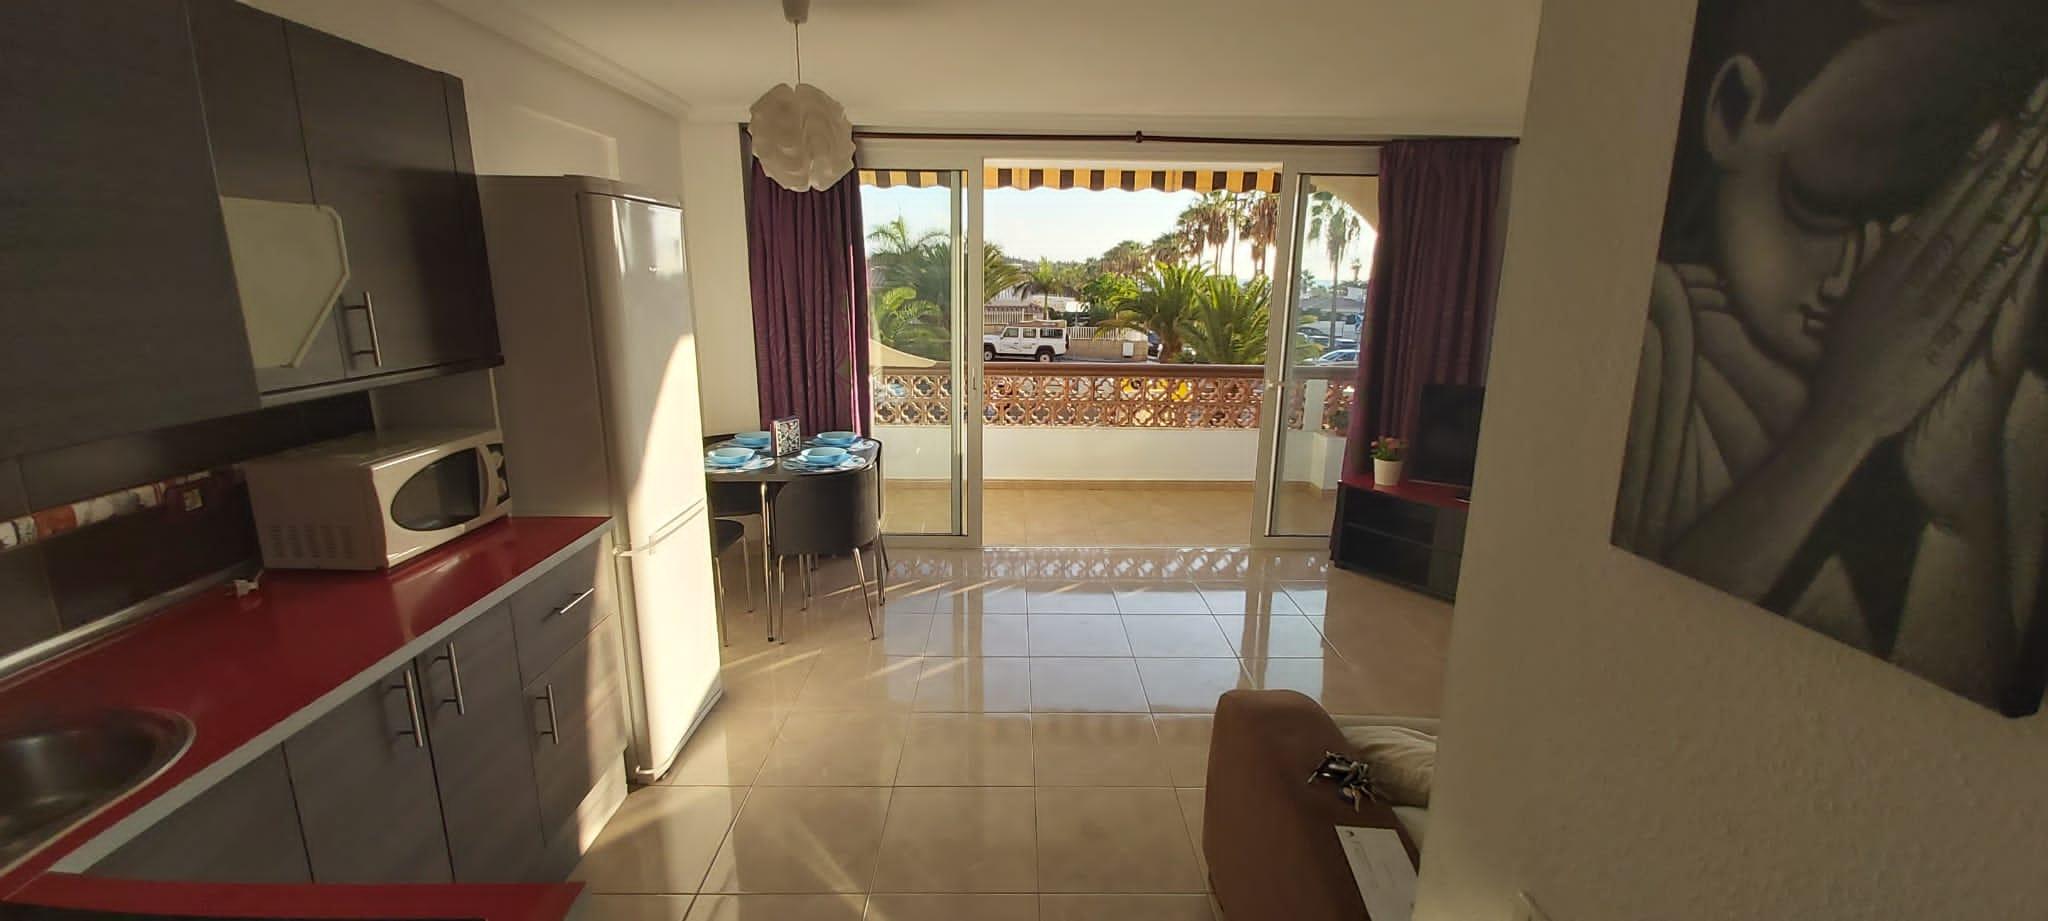 Eladó apartman Palm Mar településben